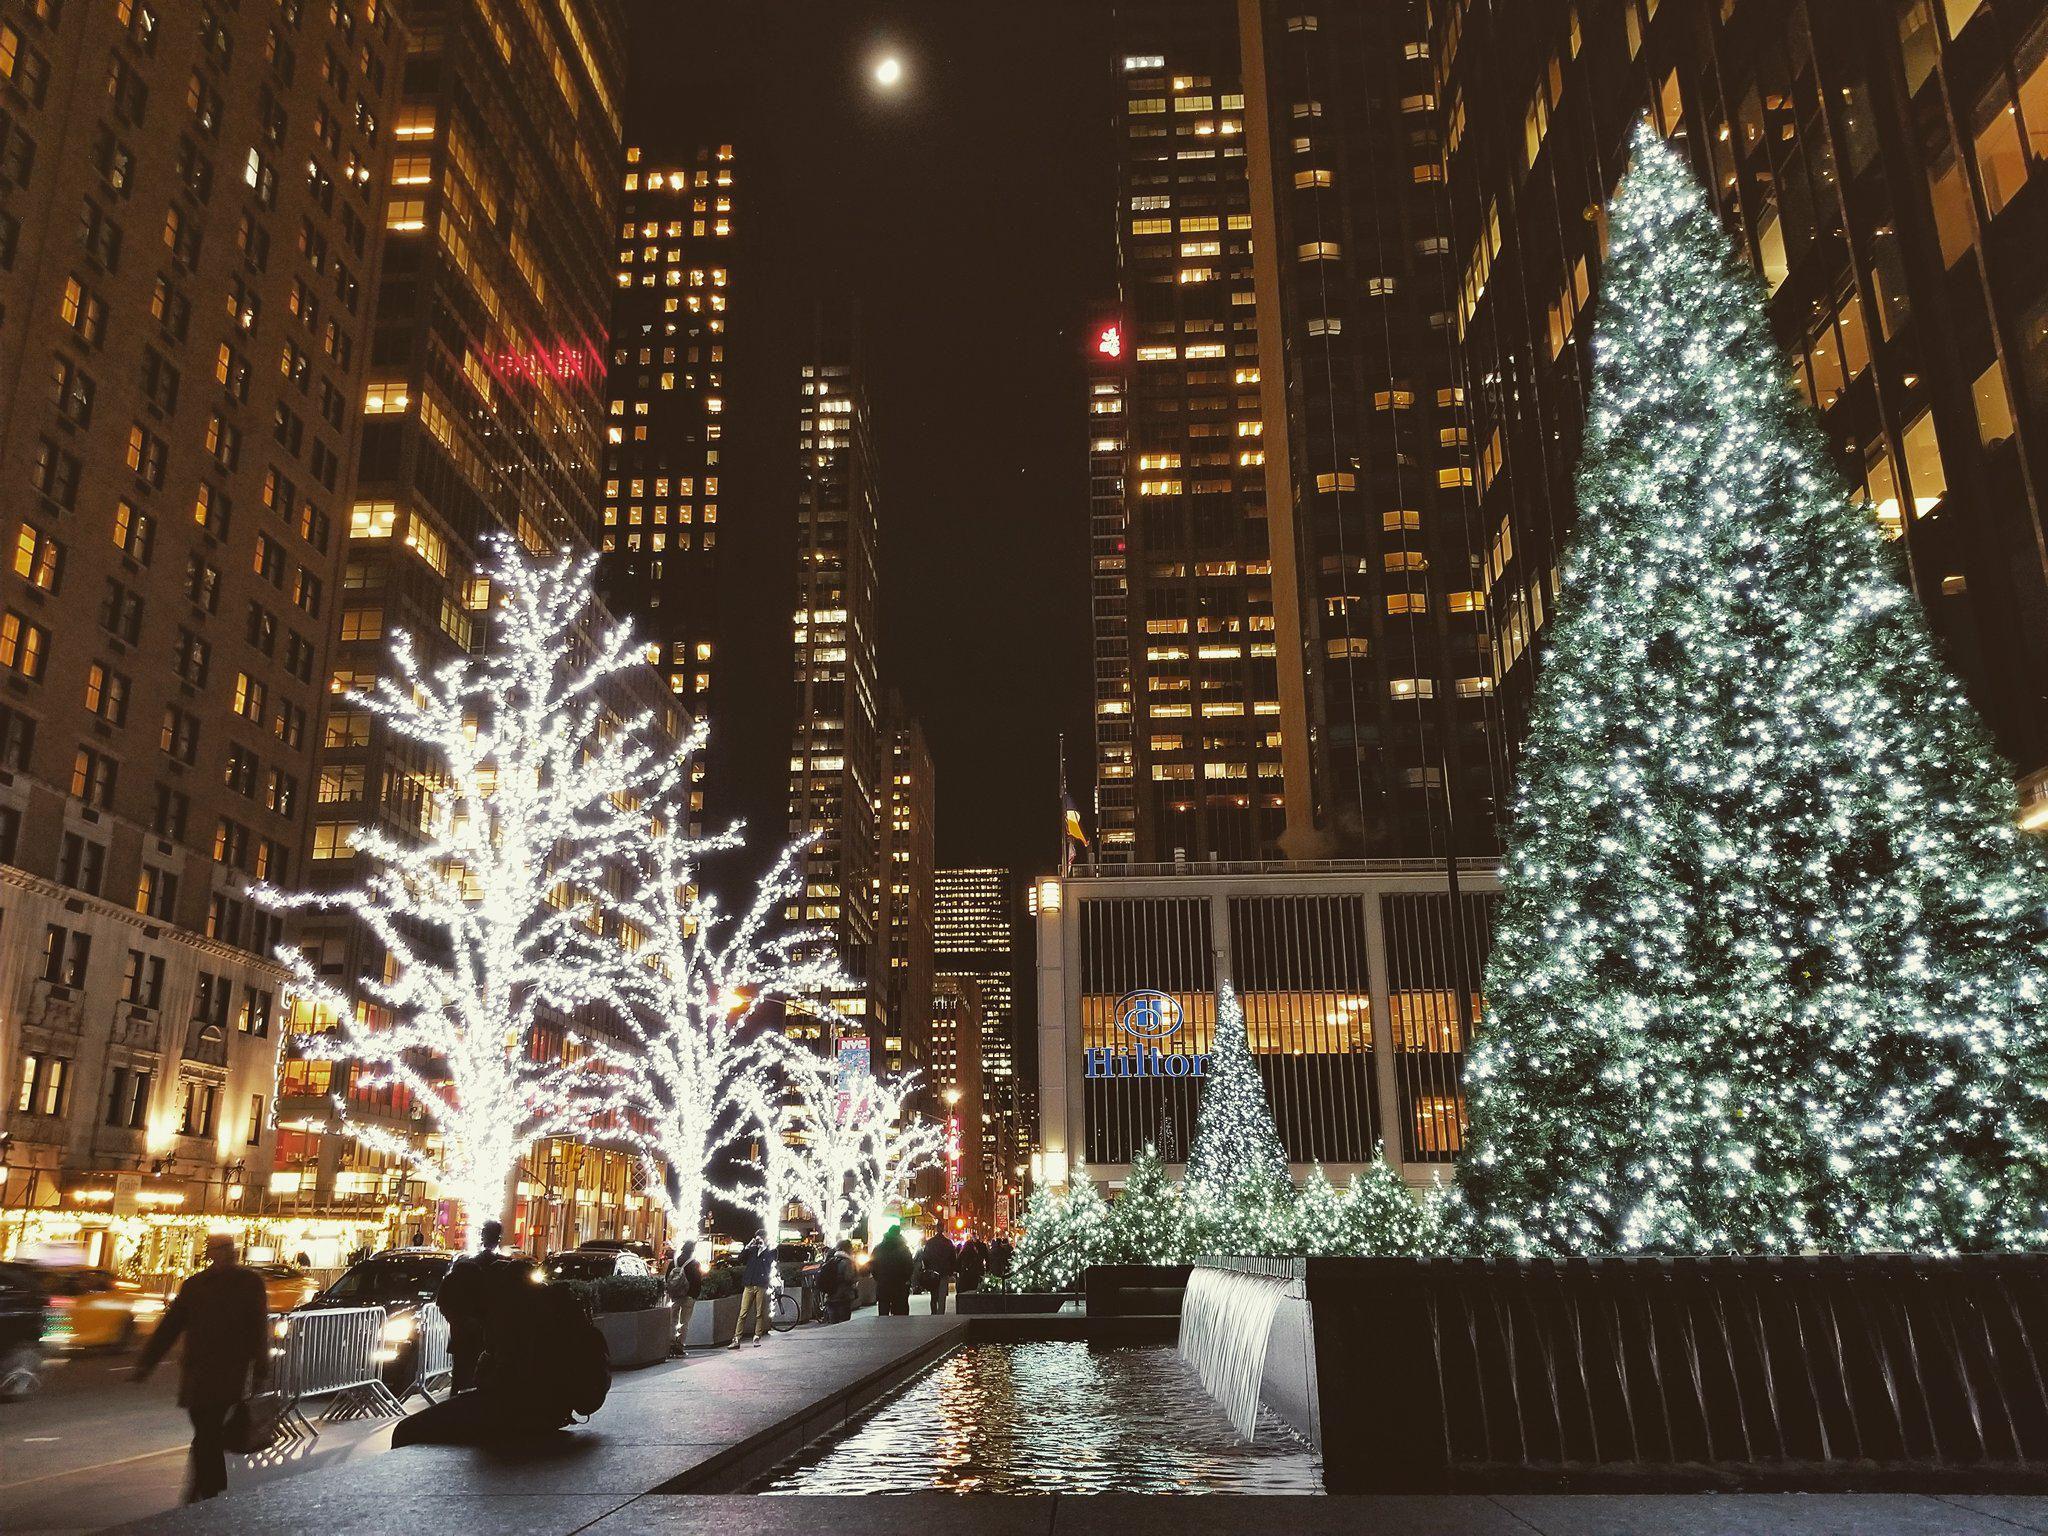 Prisjetili smo se prizora koji oduzimaju dah: Božićno ludilo u New Yorku izgleda spektakularno!